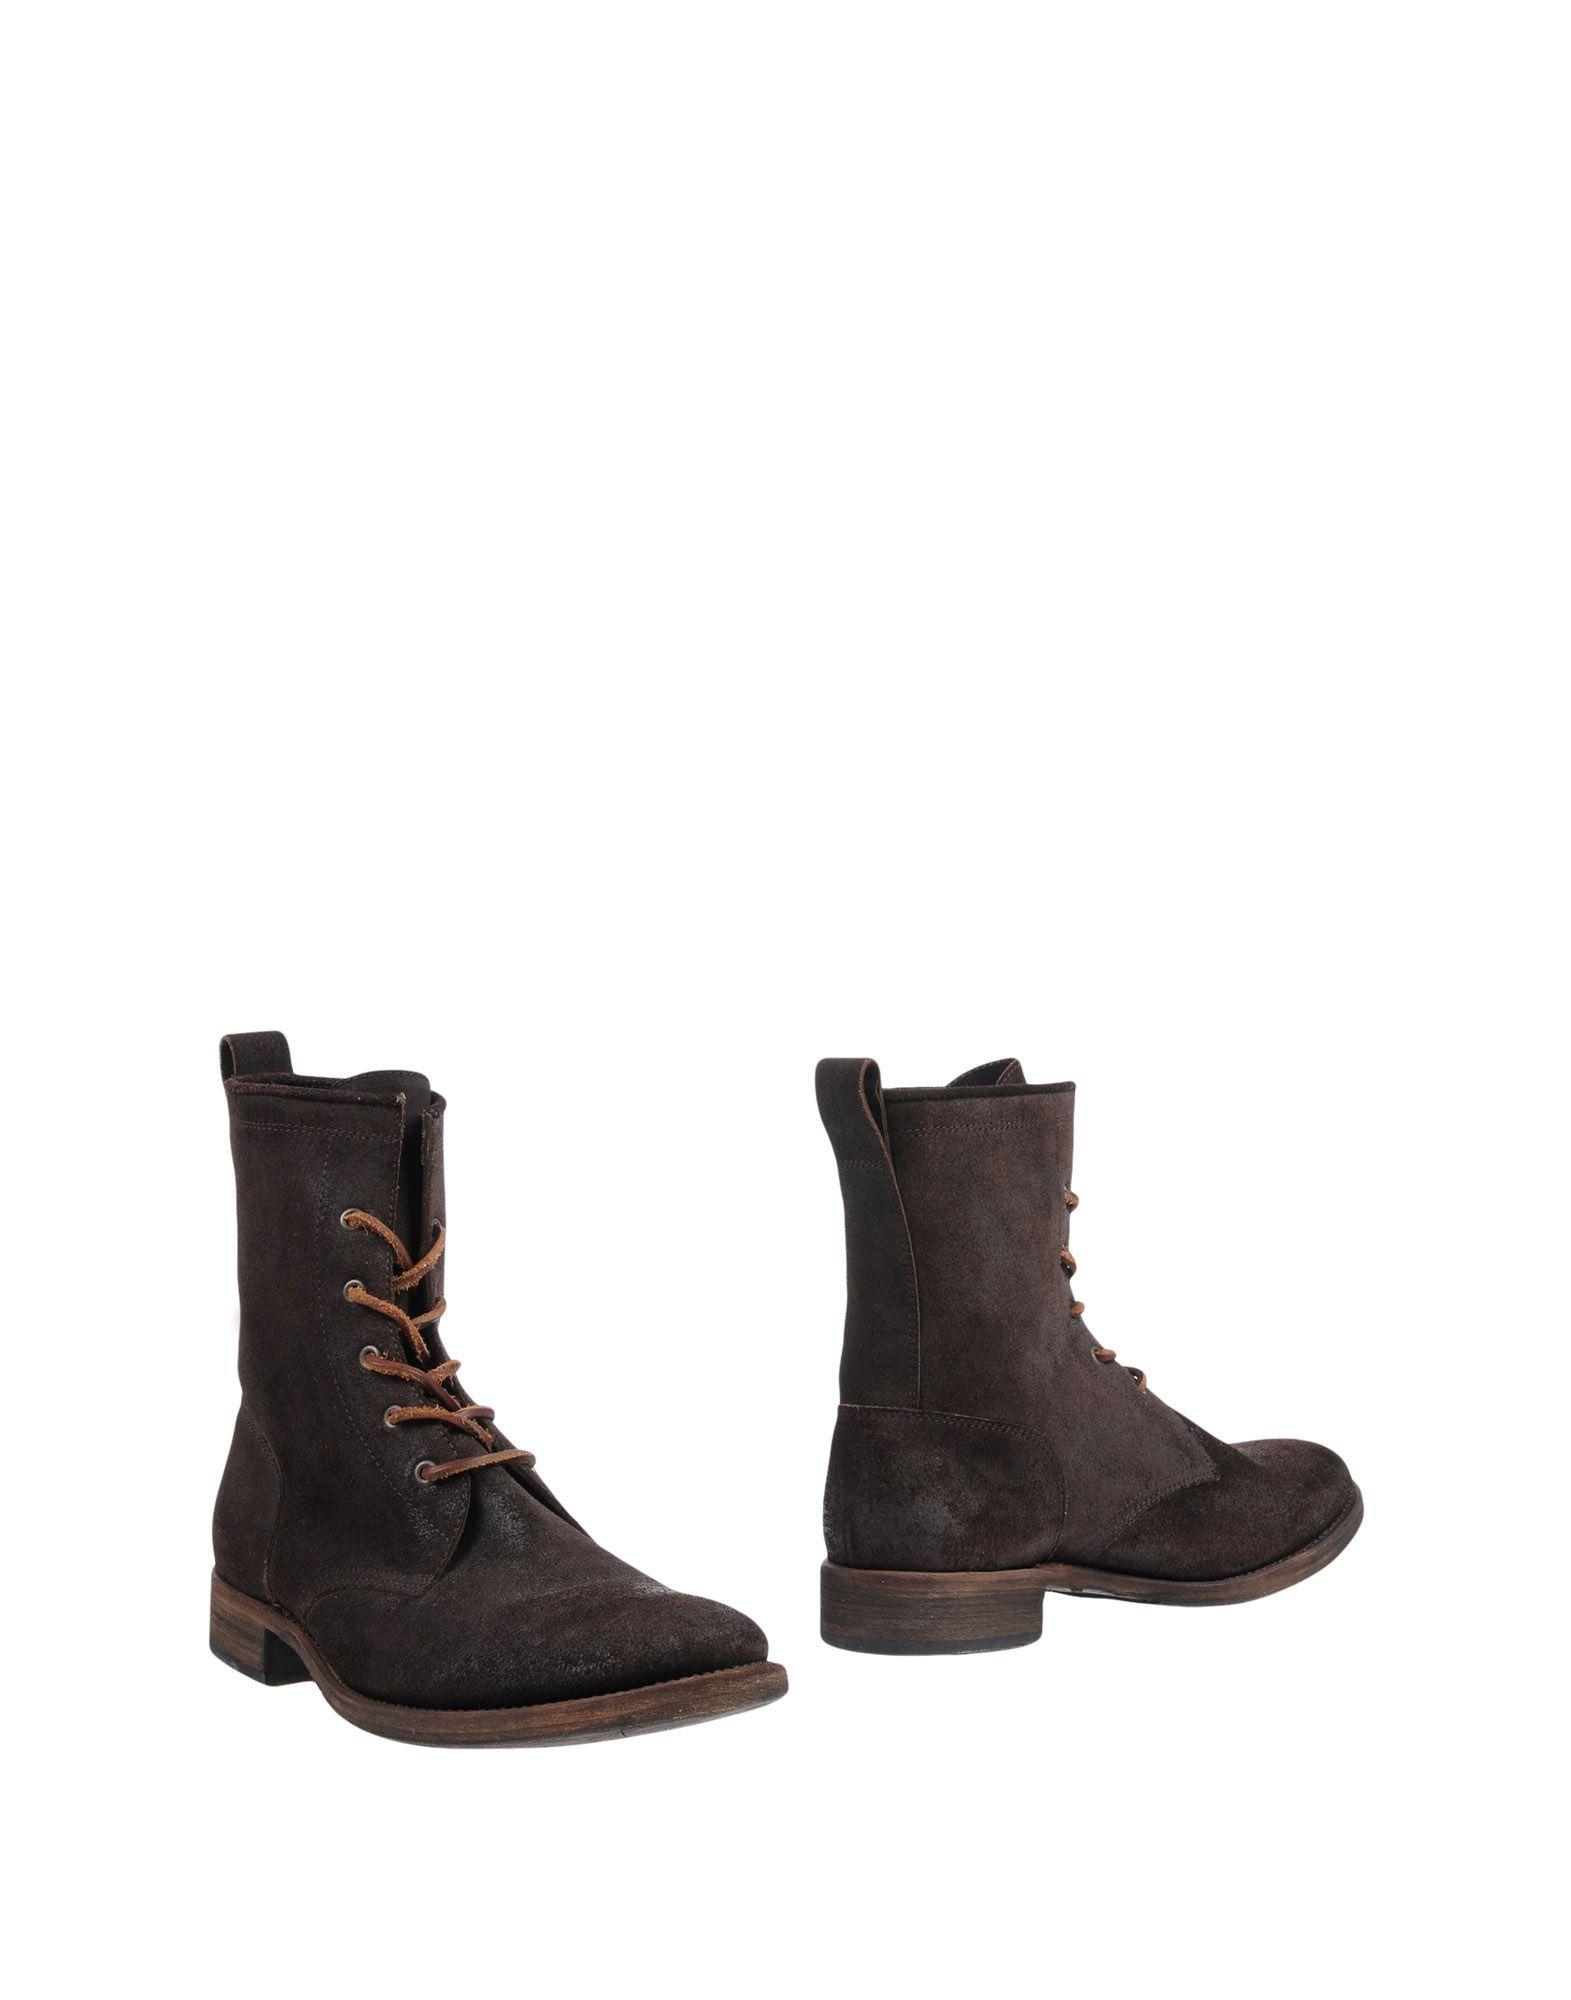 01000010 By Boccaccini Stiefelette Herren  11439055VR Gute Qualität beliebte Schuhe